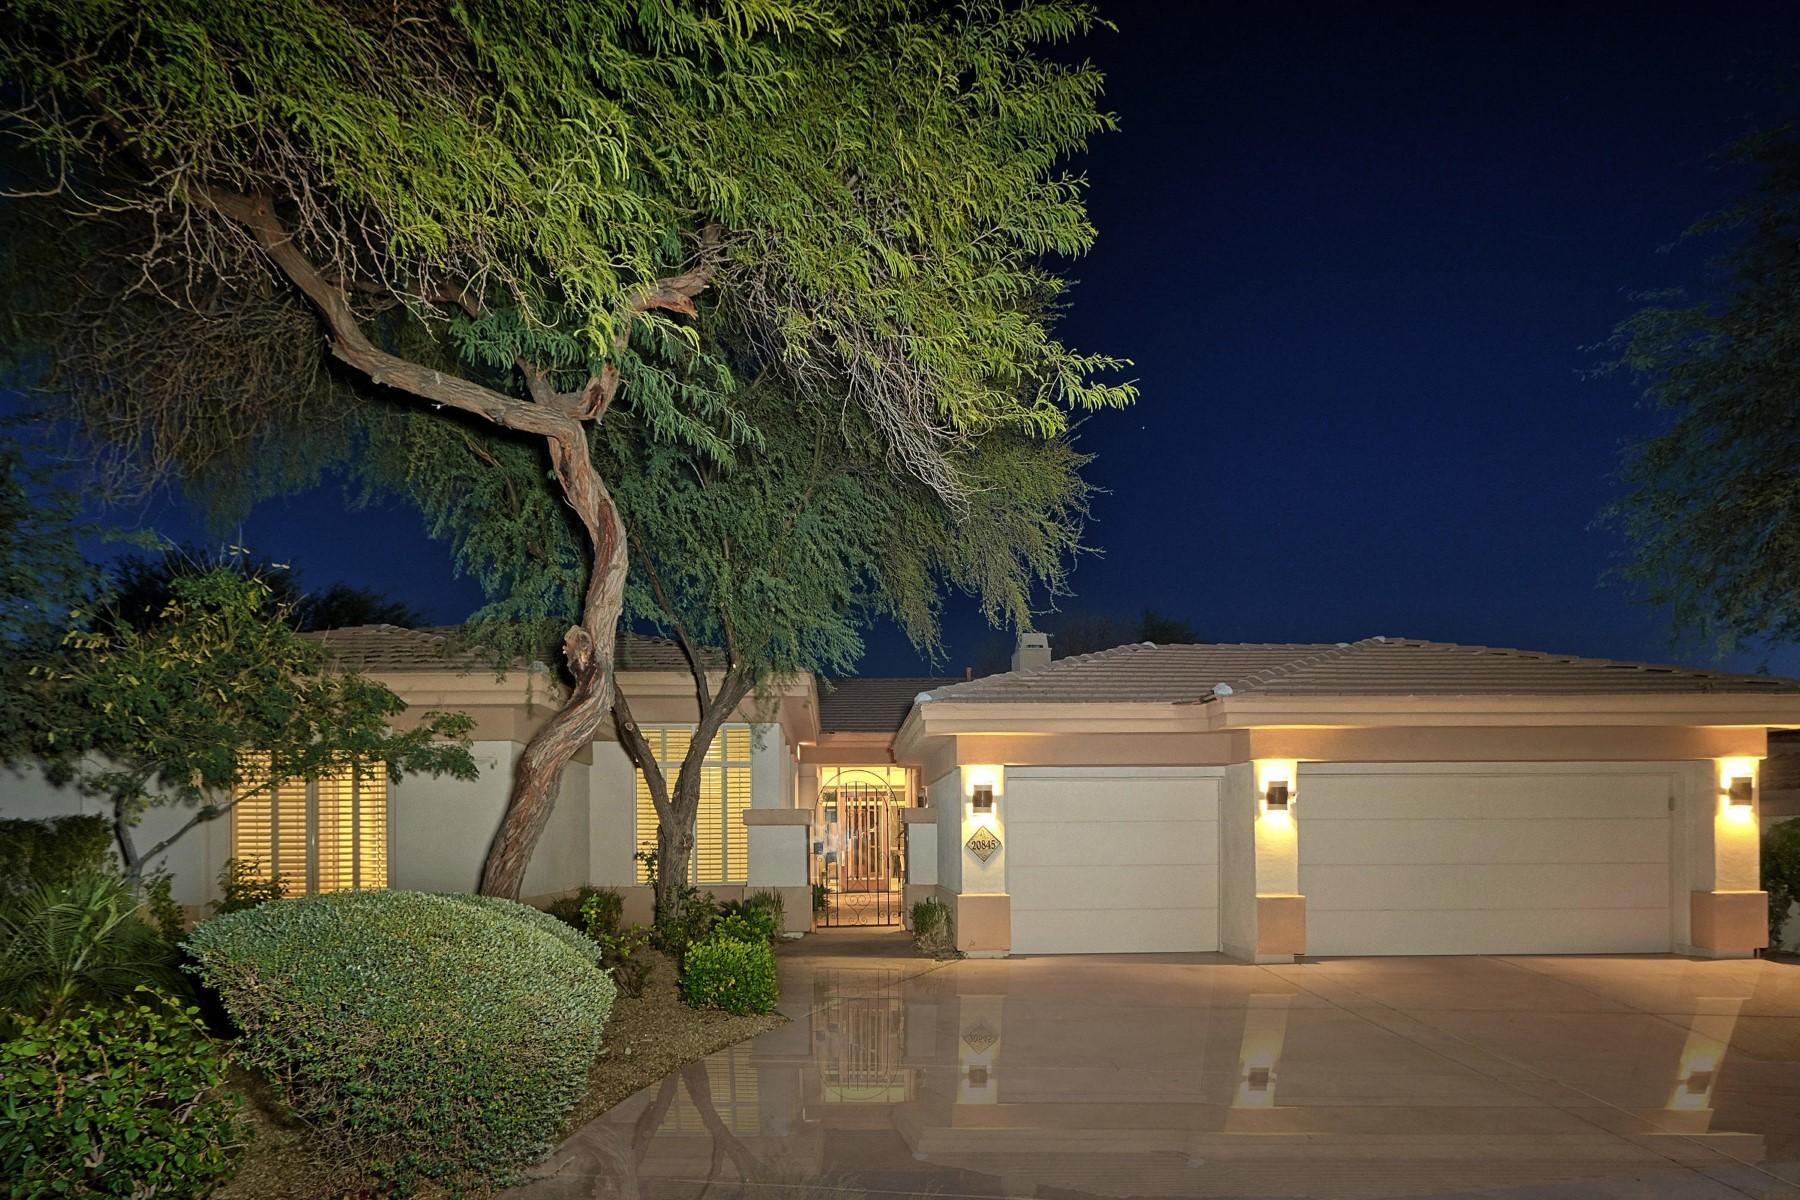 Maison unifamiliale pour l Vente à Spectacular Luxury Single Level Home 20845 N 83rd Place, Scottsdale, Arizona, 85255 États-Unis